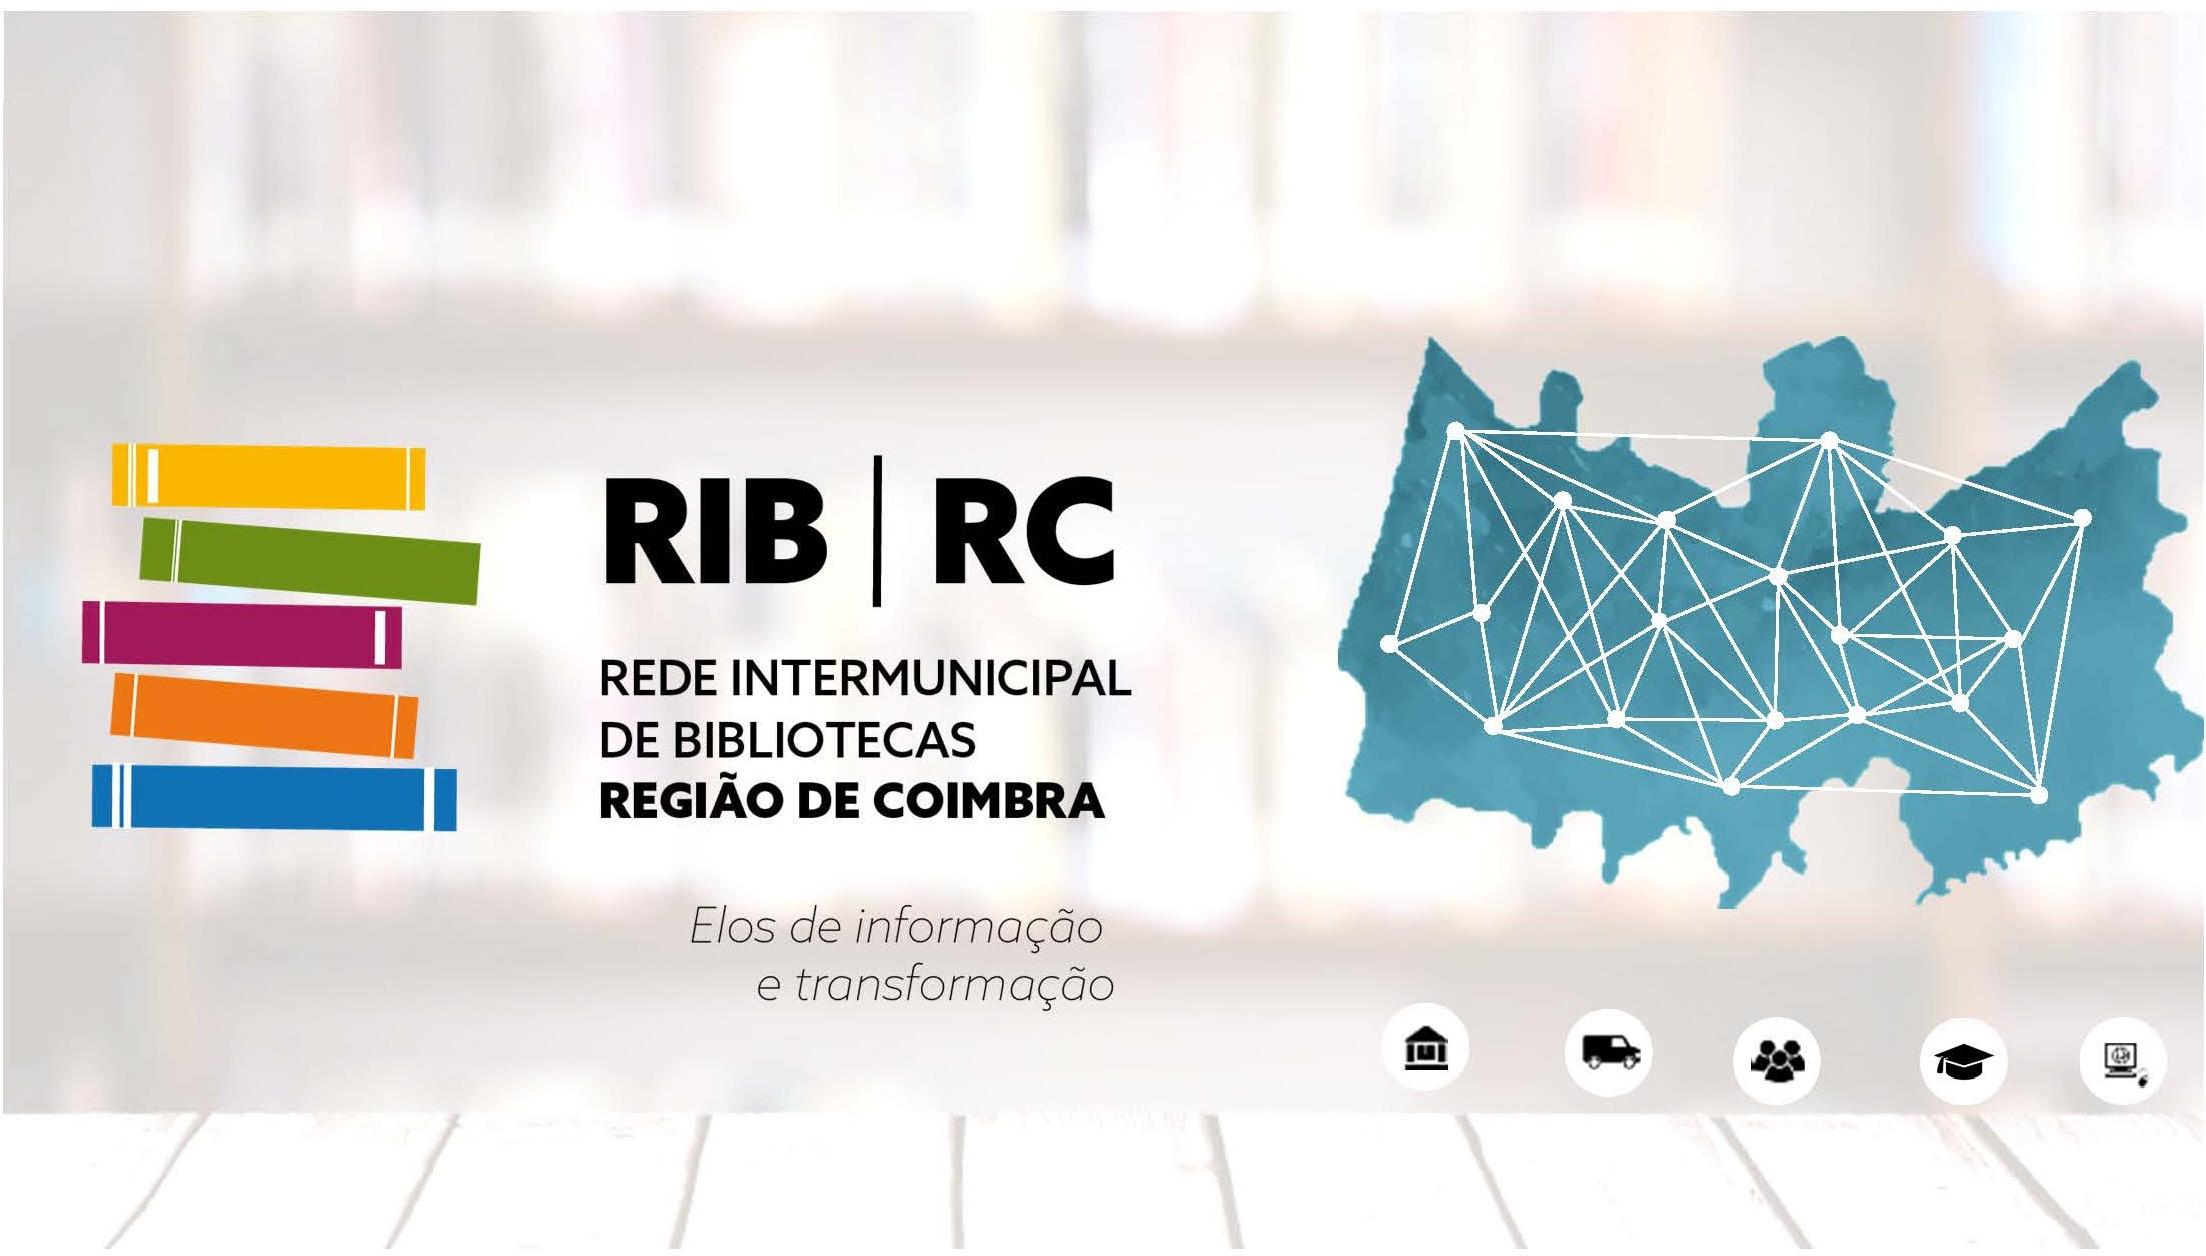 criada a 6 de abril de 2017 contemplando a articulação entre a CIM Região de Coimbra, os seus Municípios e a Direção-Geral do Livro, dos Arquivos e das Bibliotecas (DGLAB).